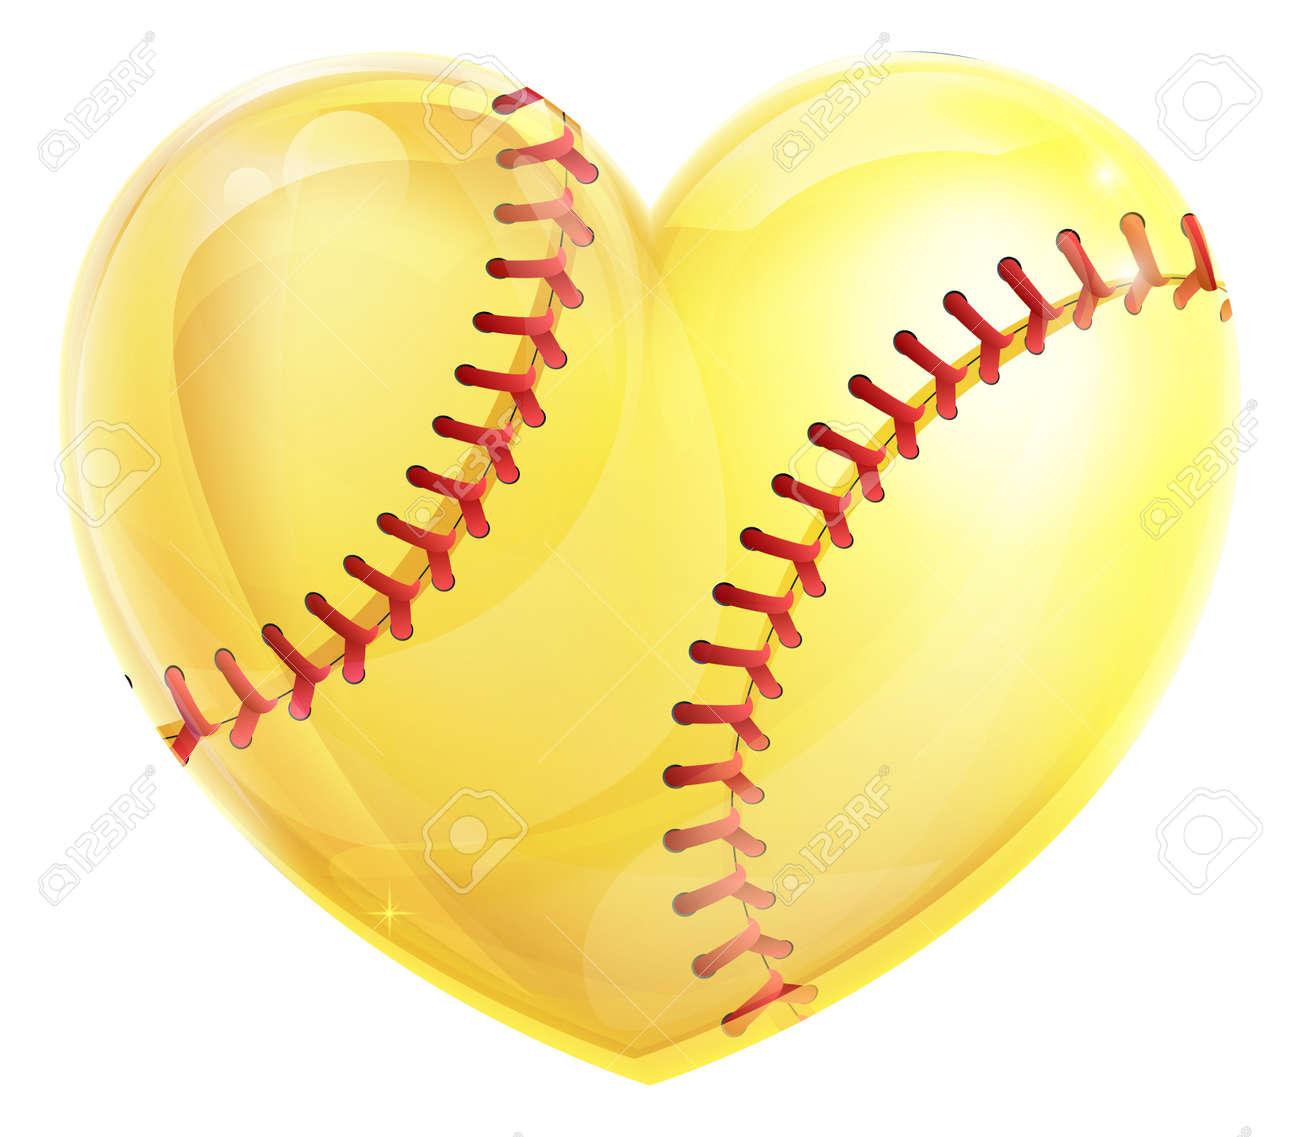 ハート黄色ソフトボール ボール コンセプト ソフトボールのゲームの愛の